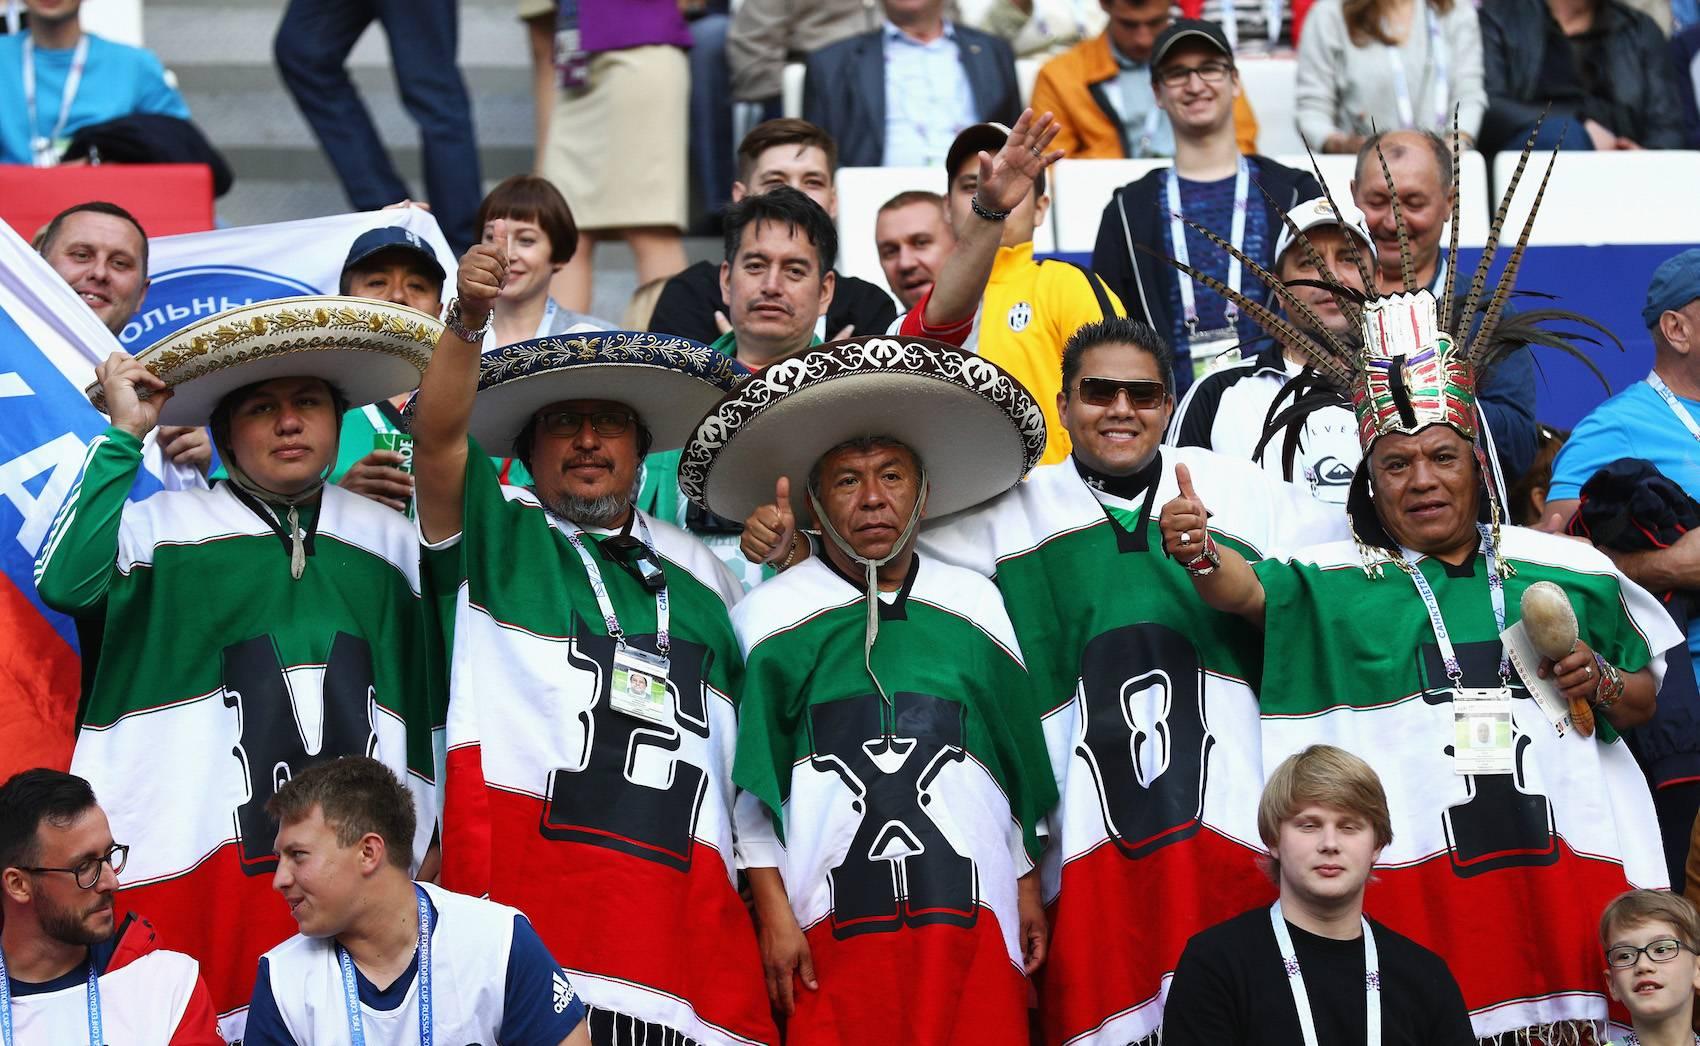 GETTY IMAGES Así ese vive el debut de México en la Copa Confederaciones